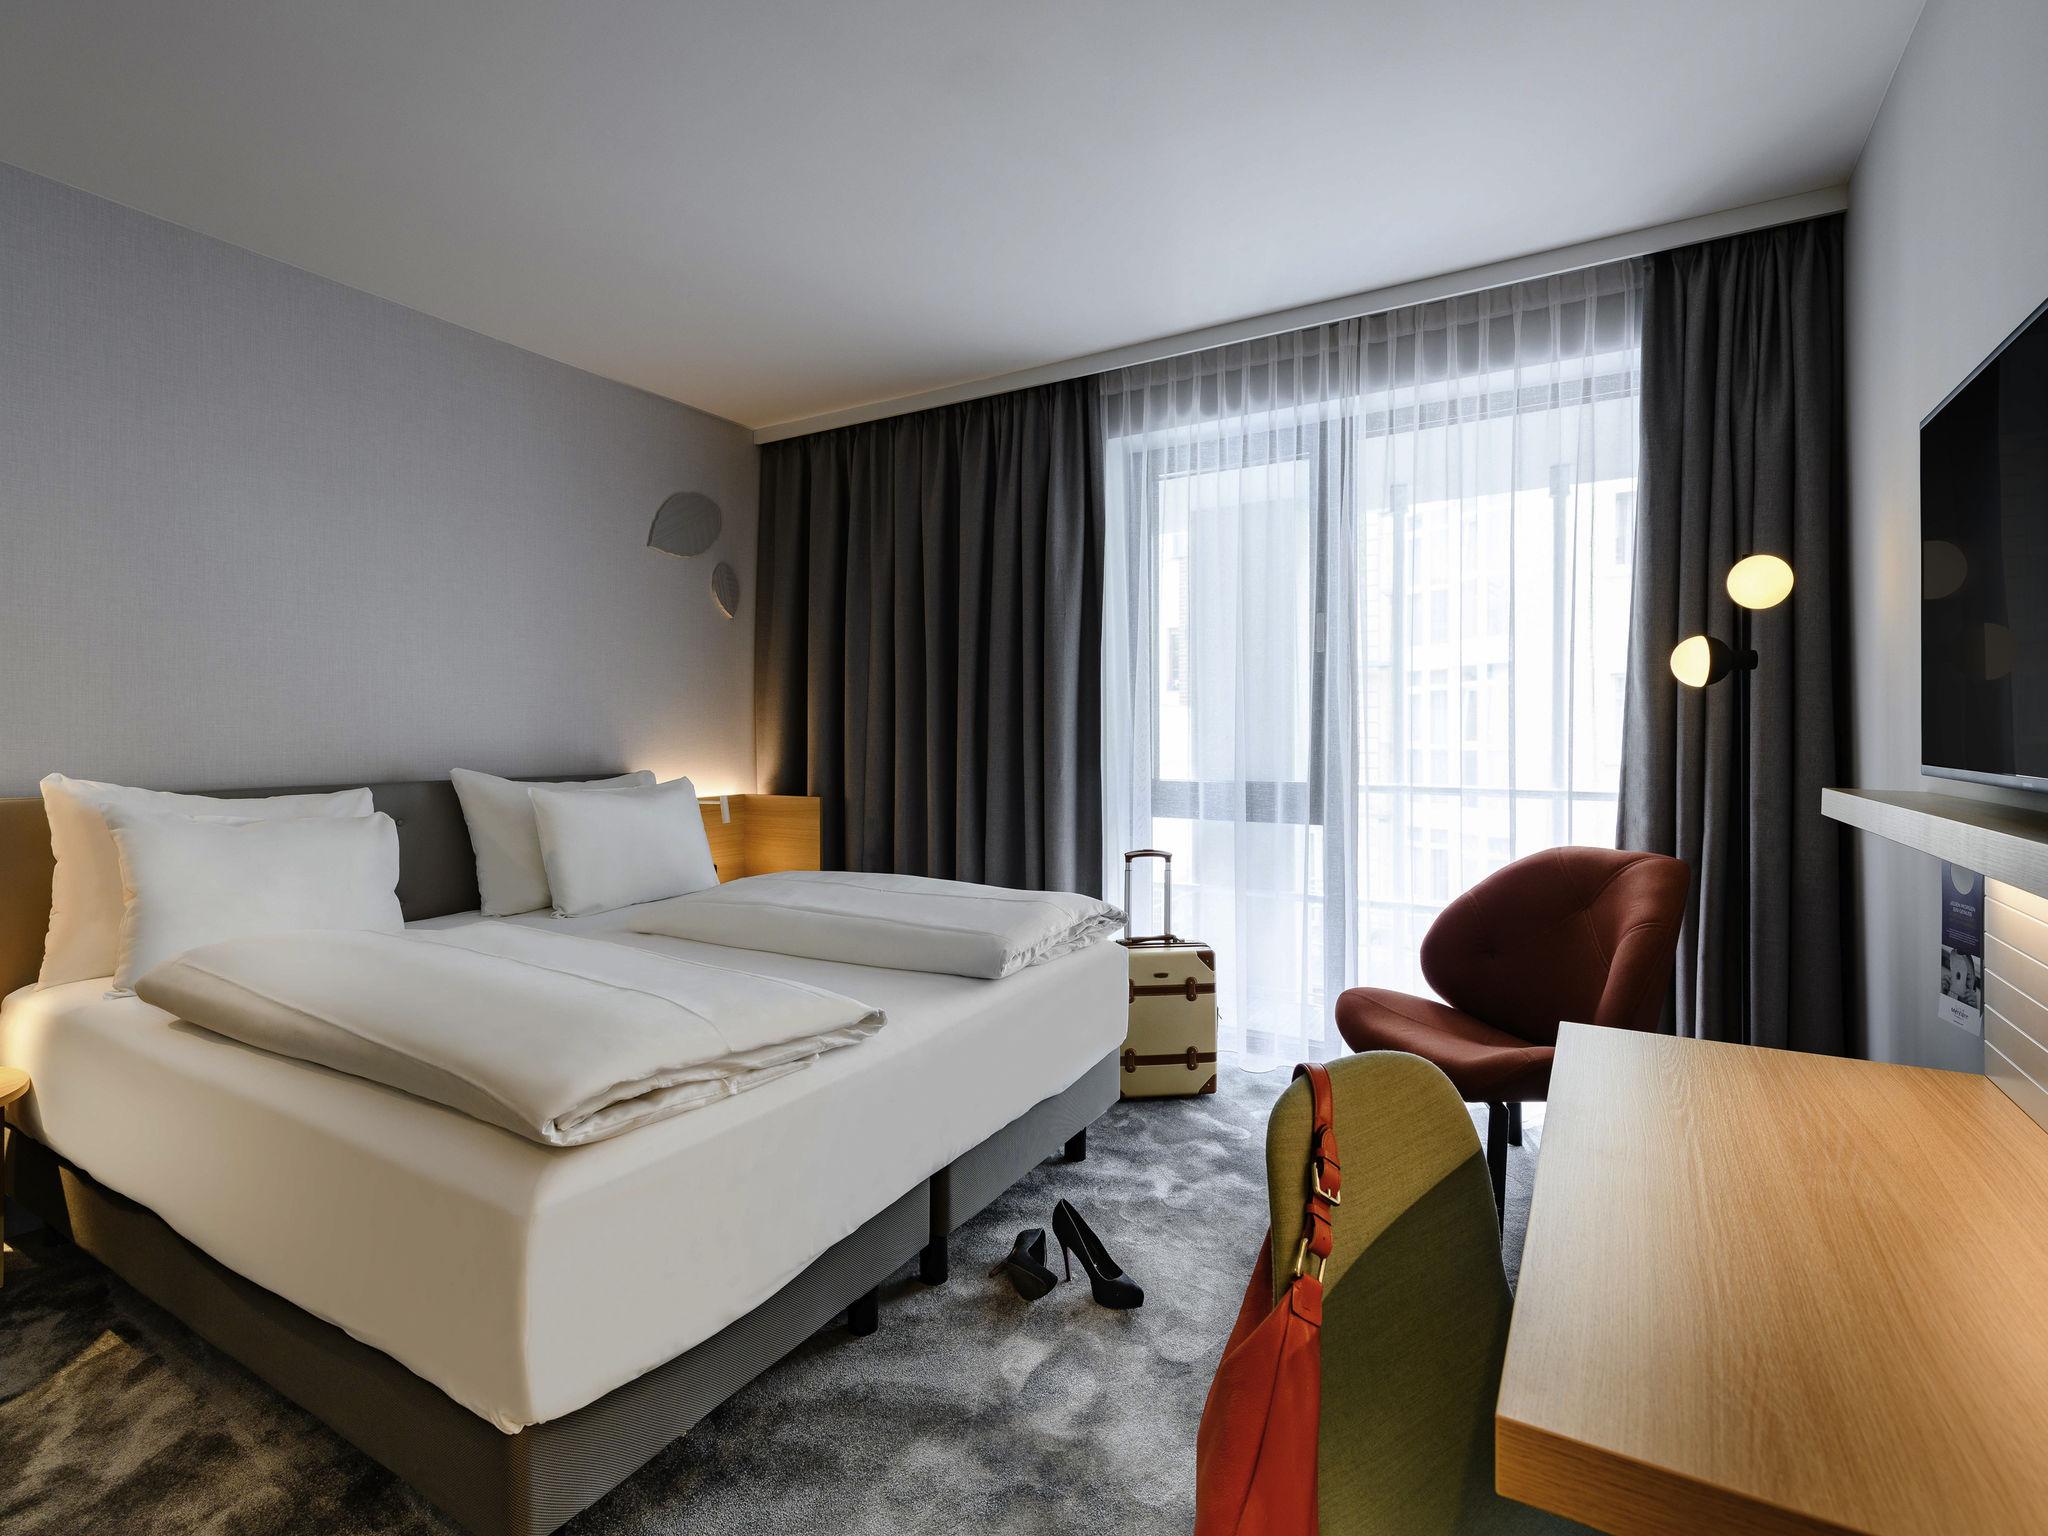 โรงแรม – โรงแรมเมอร์เคียว มิวนิก ชวาบิง